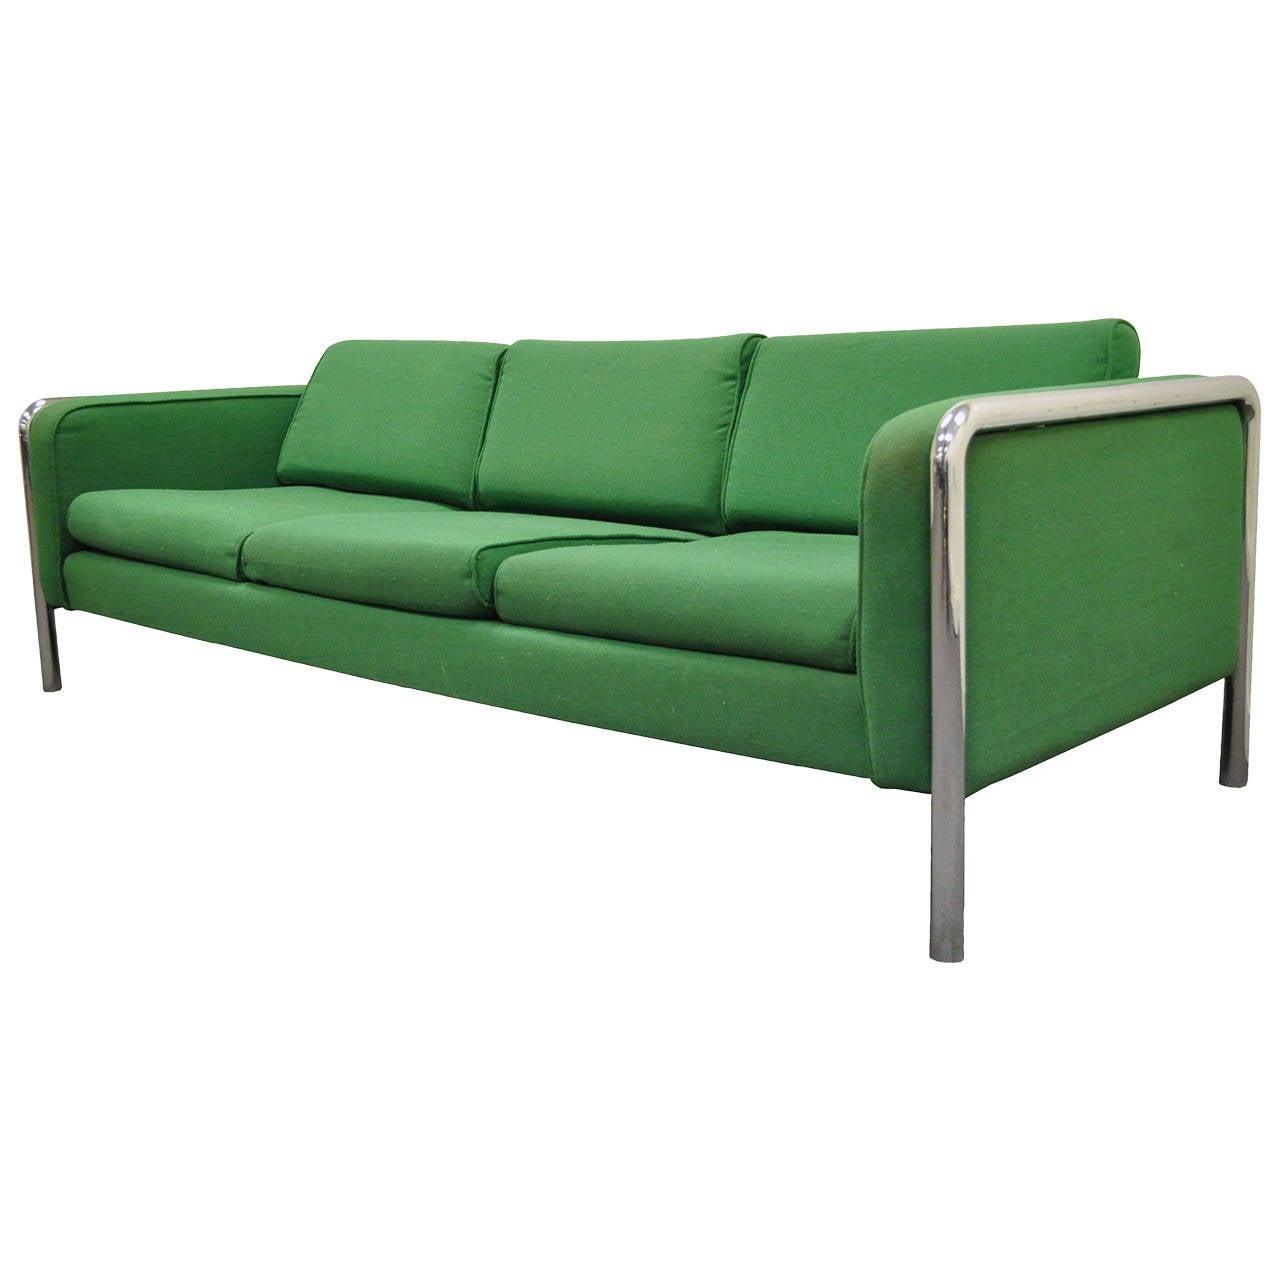 Mid Century Modern Tubular Chrome Frame Sofa after Milo Baughman